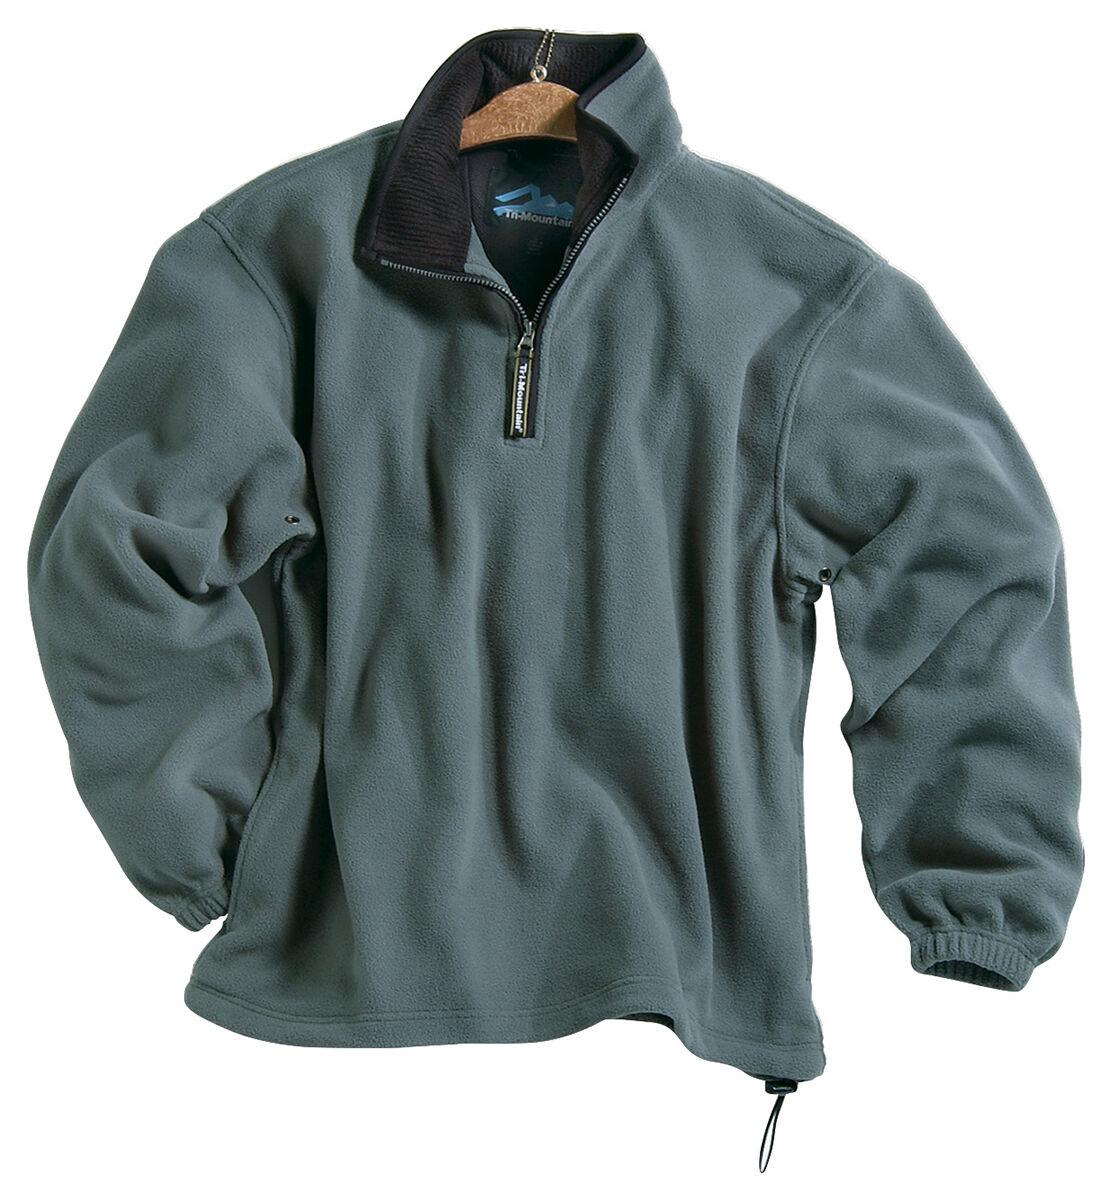 Tri Mountain New Mens Polyester Micro Fleece 1 4 Zip